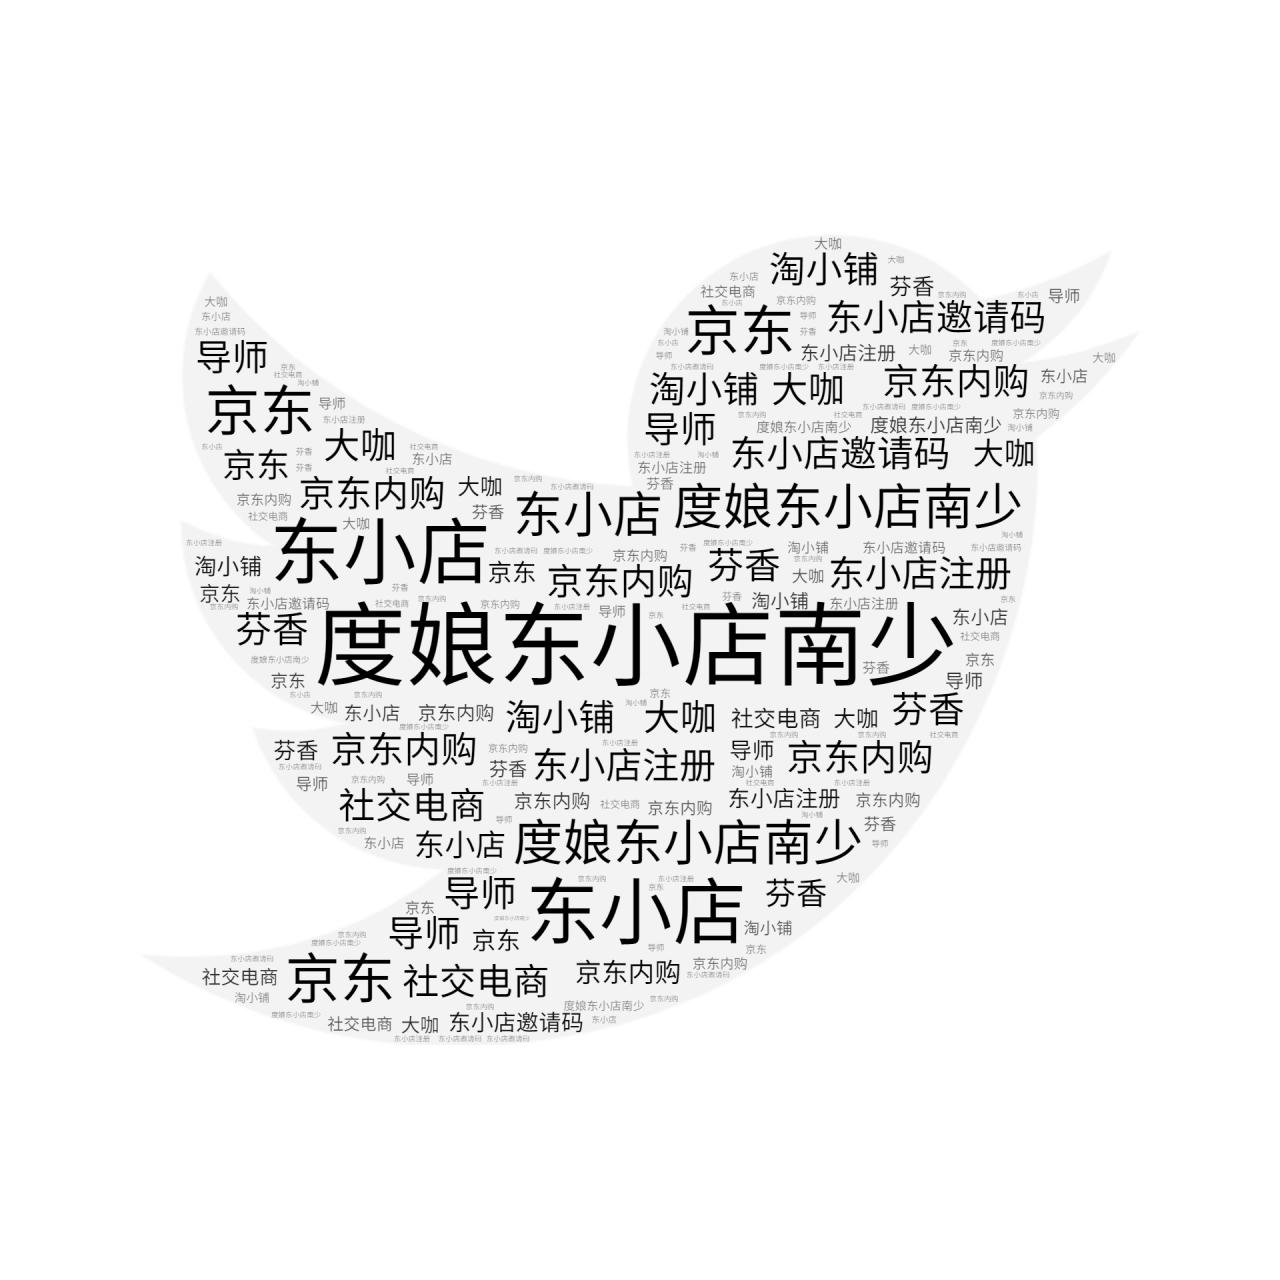 东小店南少:怎么加入京东社交电商?京东社交电商平台哪个好?插图2